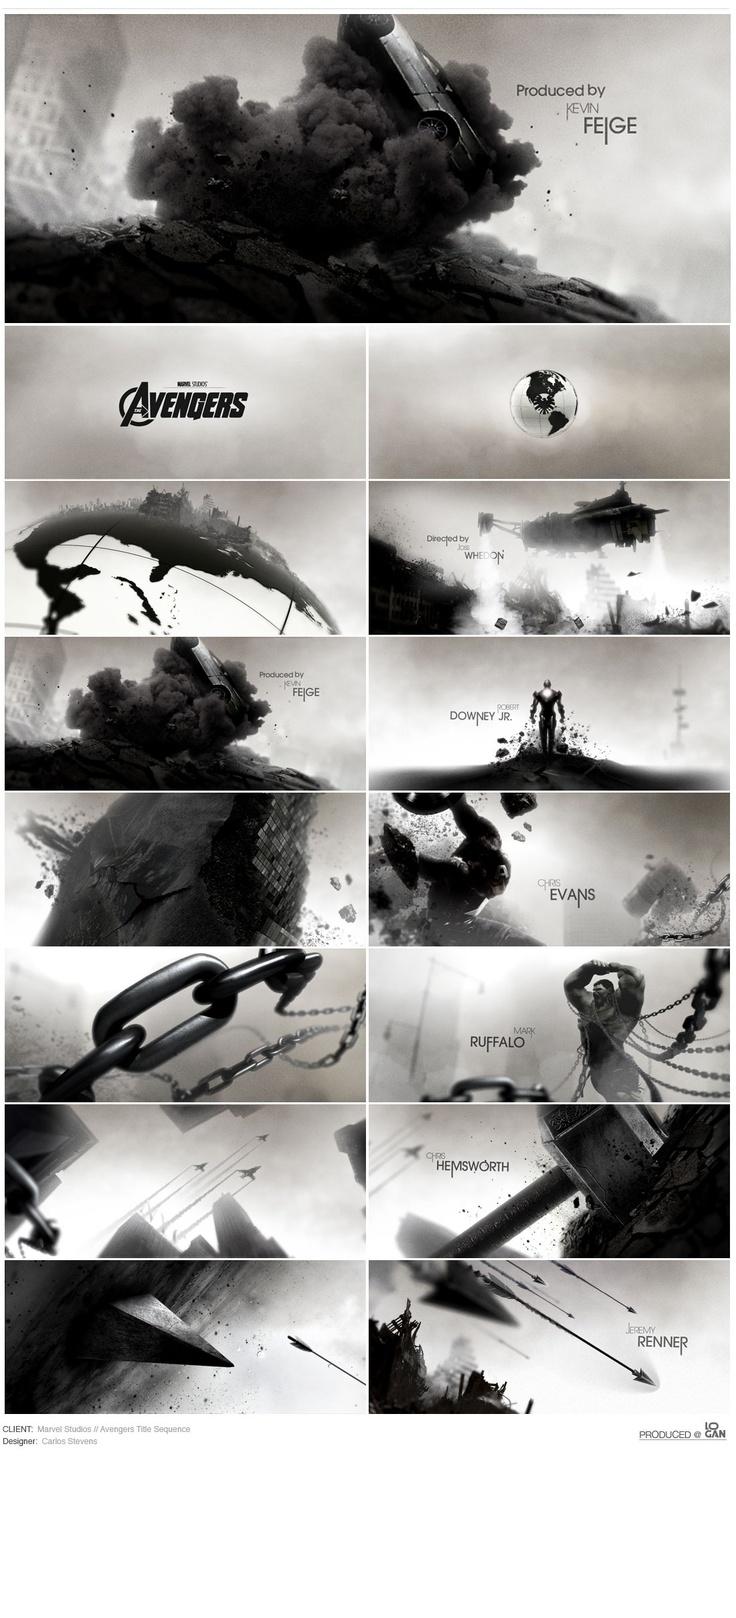 Avengers - carlosstevens.com   avengers title sequence titles black white illustration